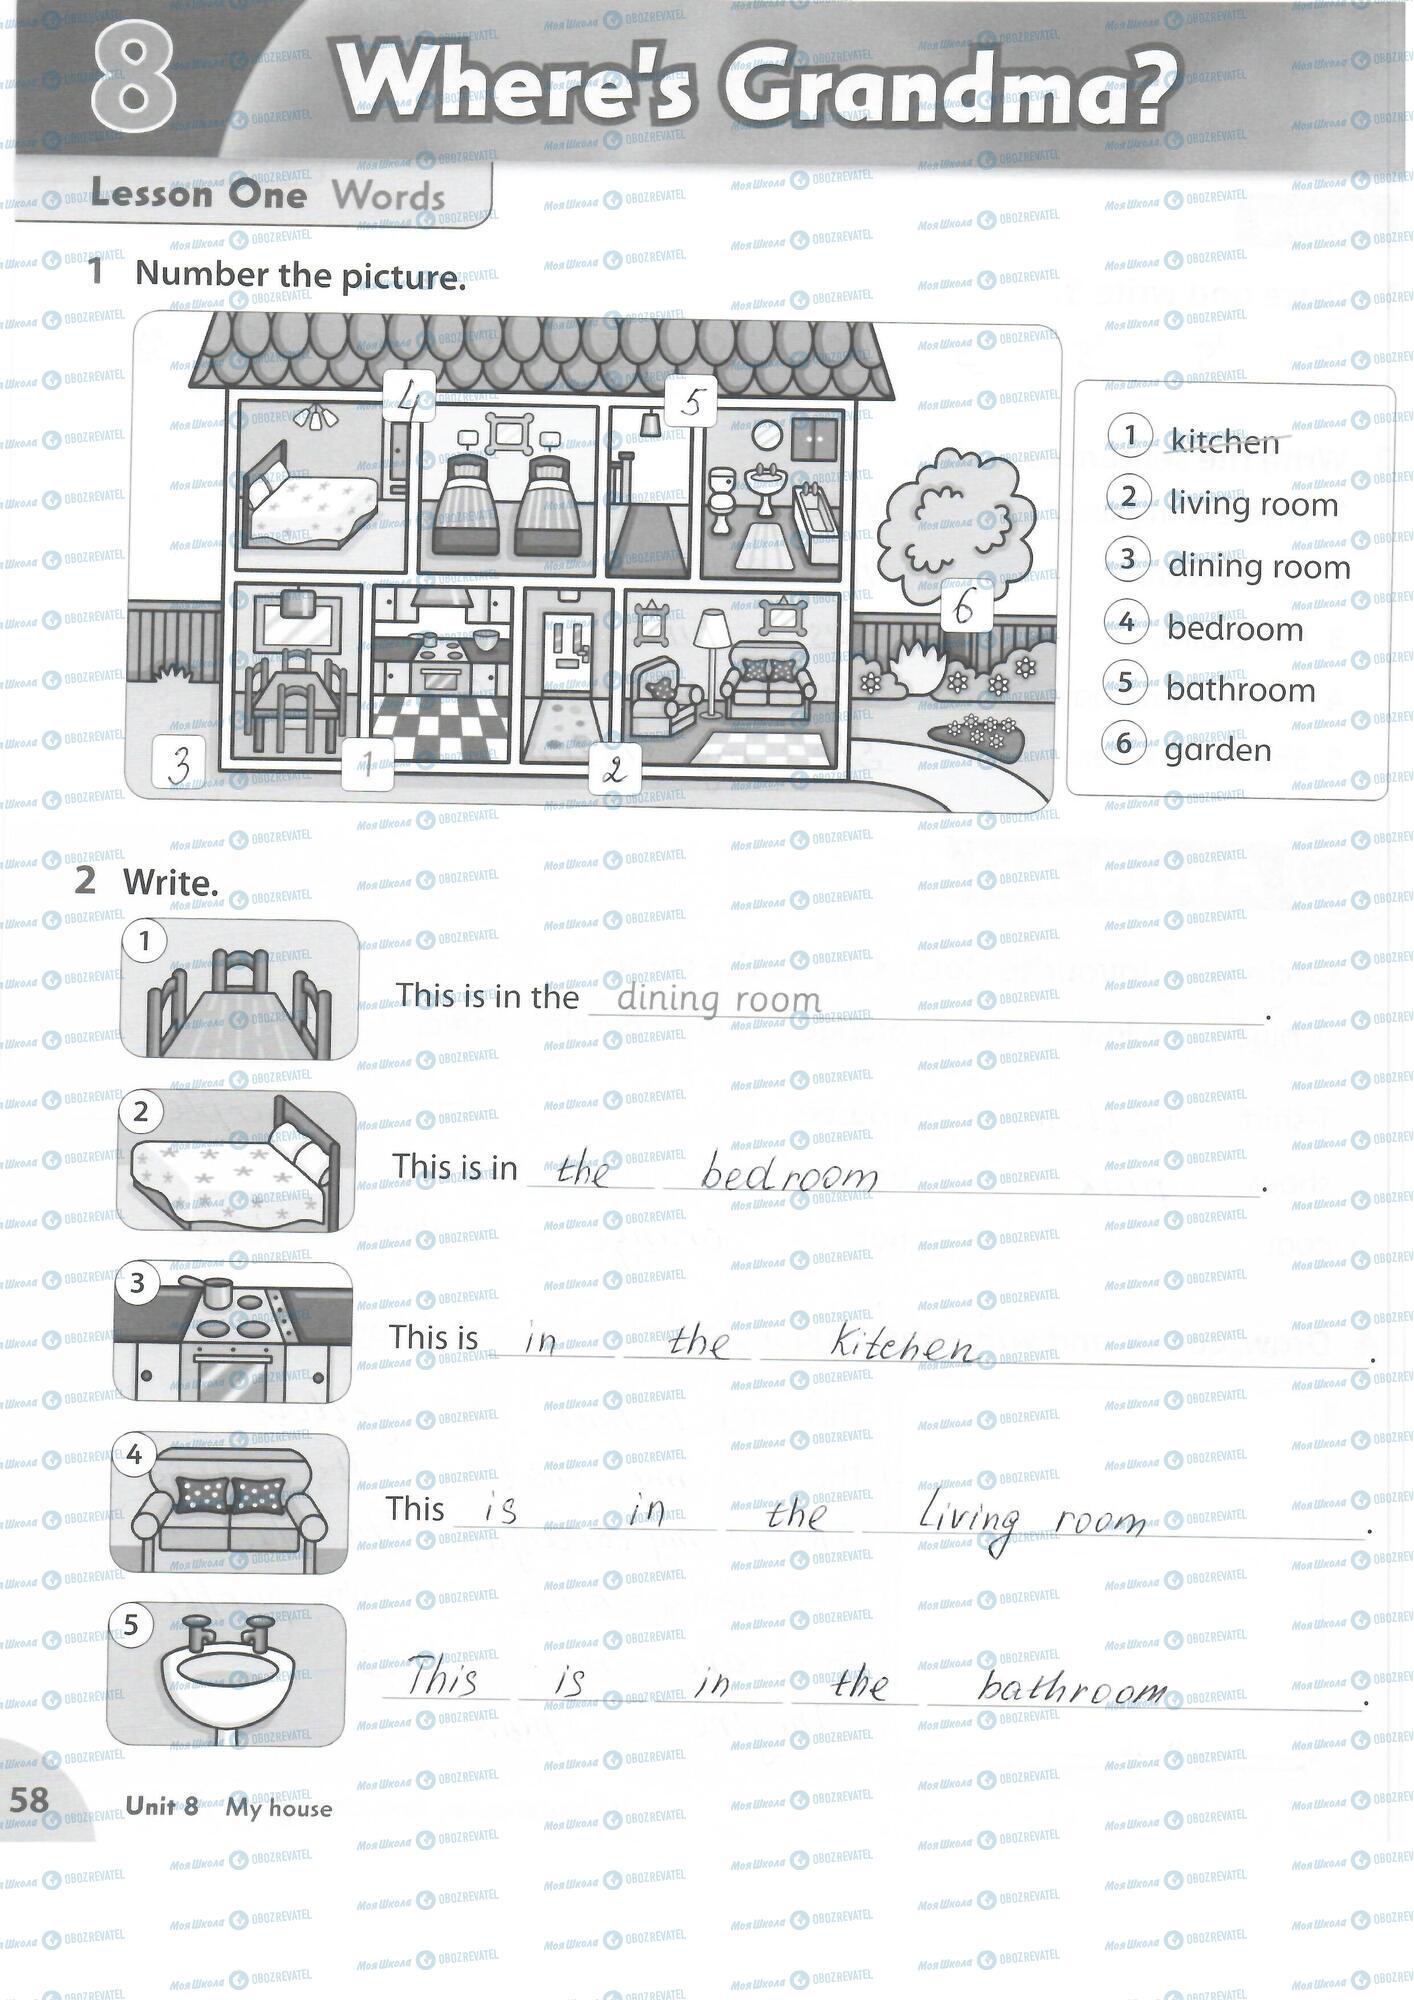 ГДЗ Англійська мова 1 клас сторінка 58